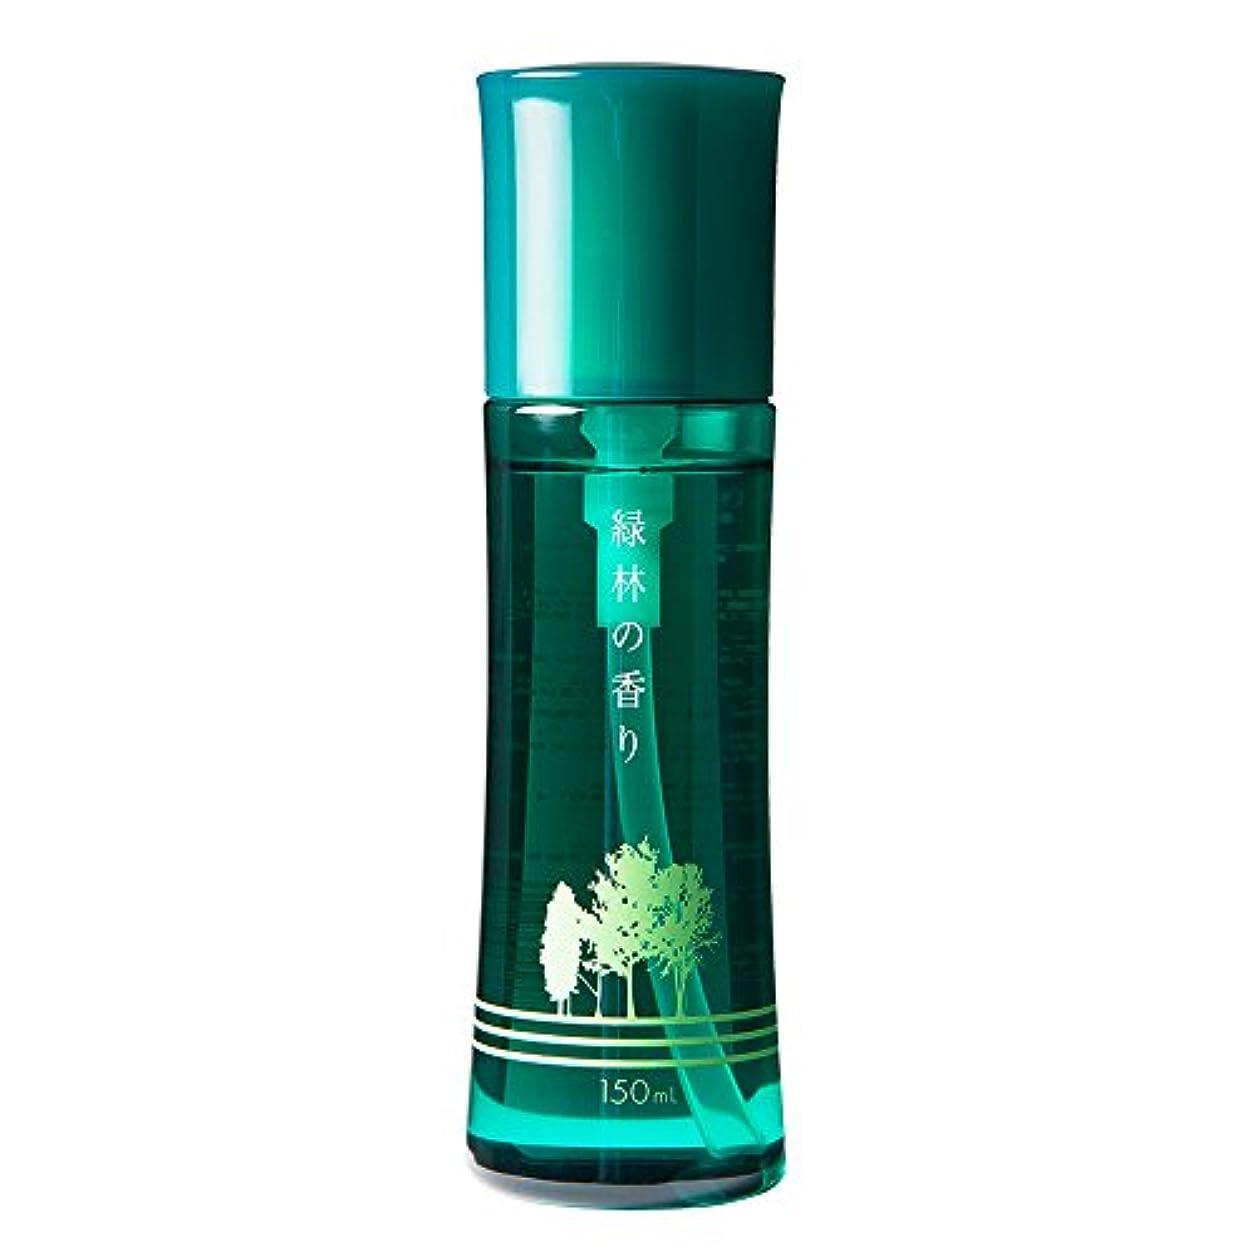 失あごマージ芳香剤「緑林の香り(みどりの香り)」150mL 日本予防医薬